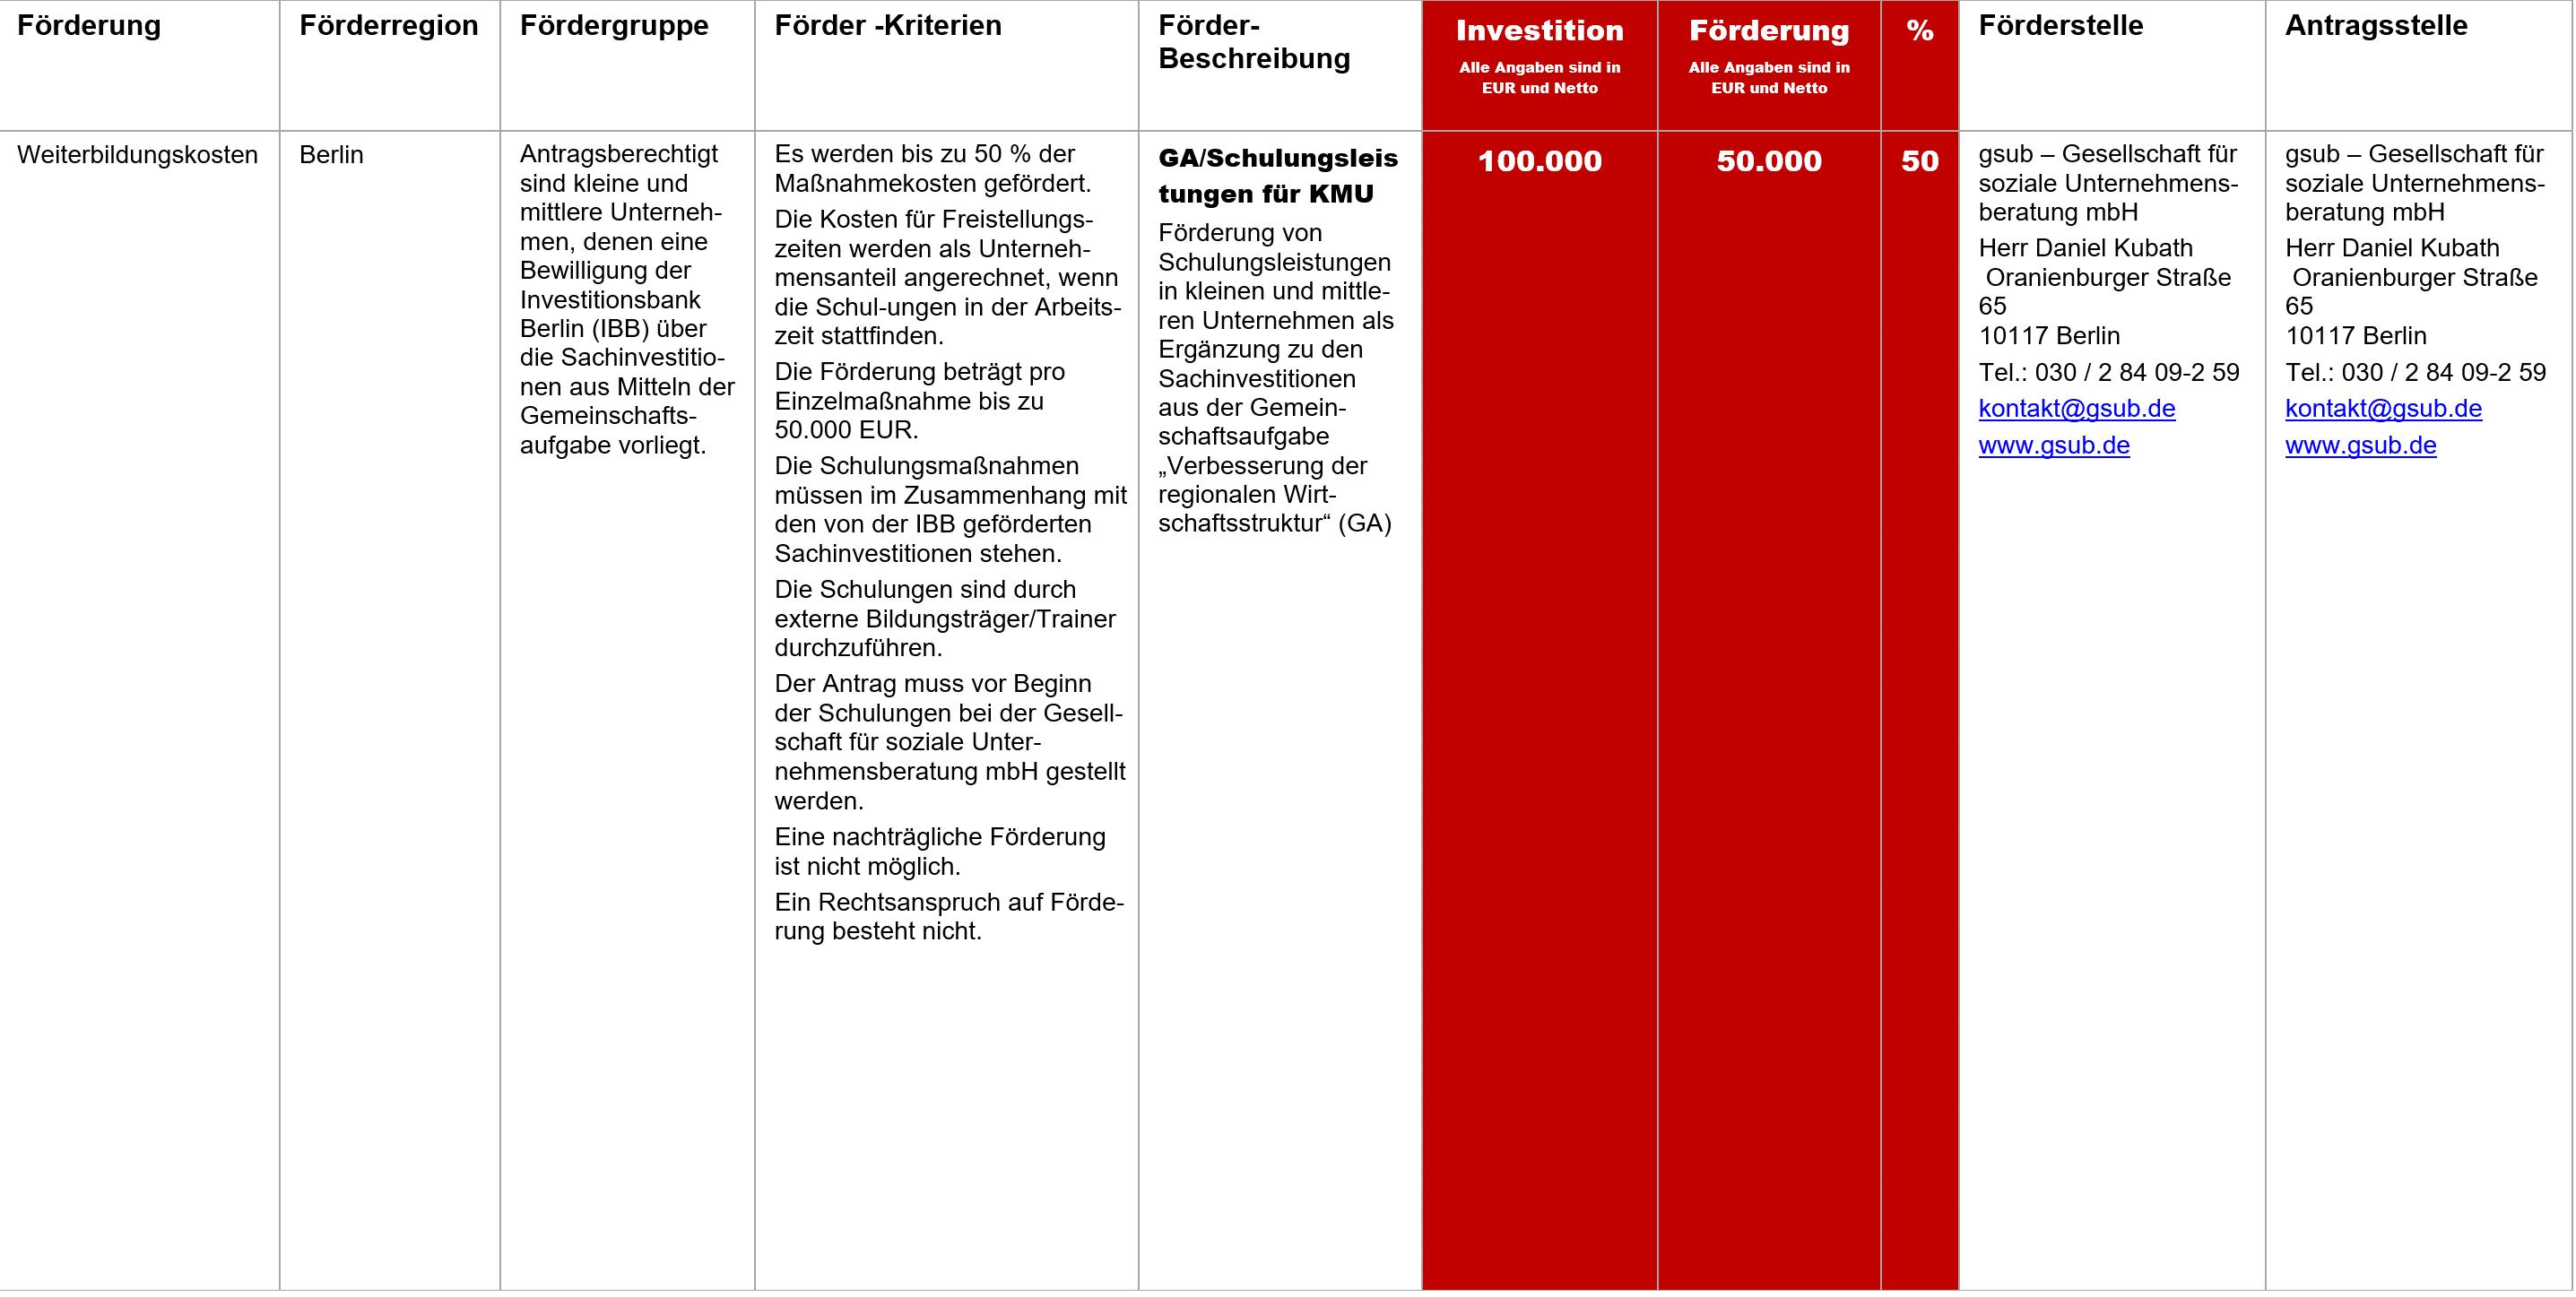 GA Schulungsleistungen KMU, Fördermittel – GA/Schulungsleistungen für KMU